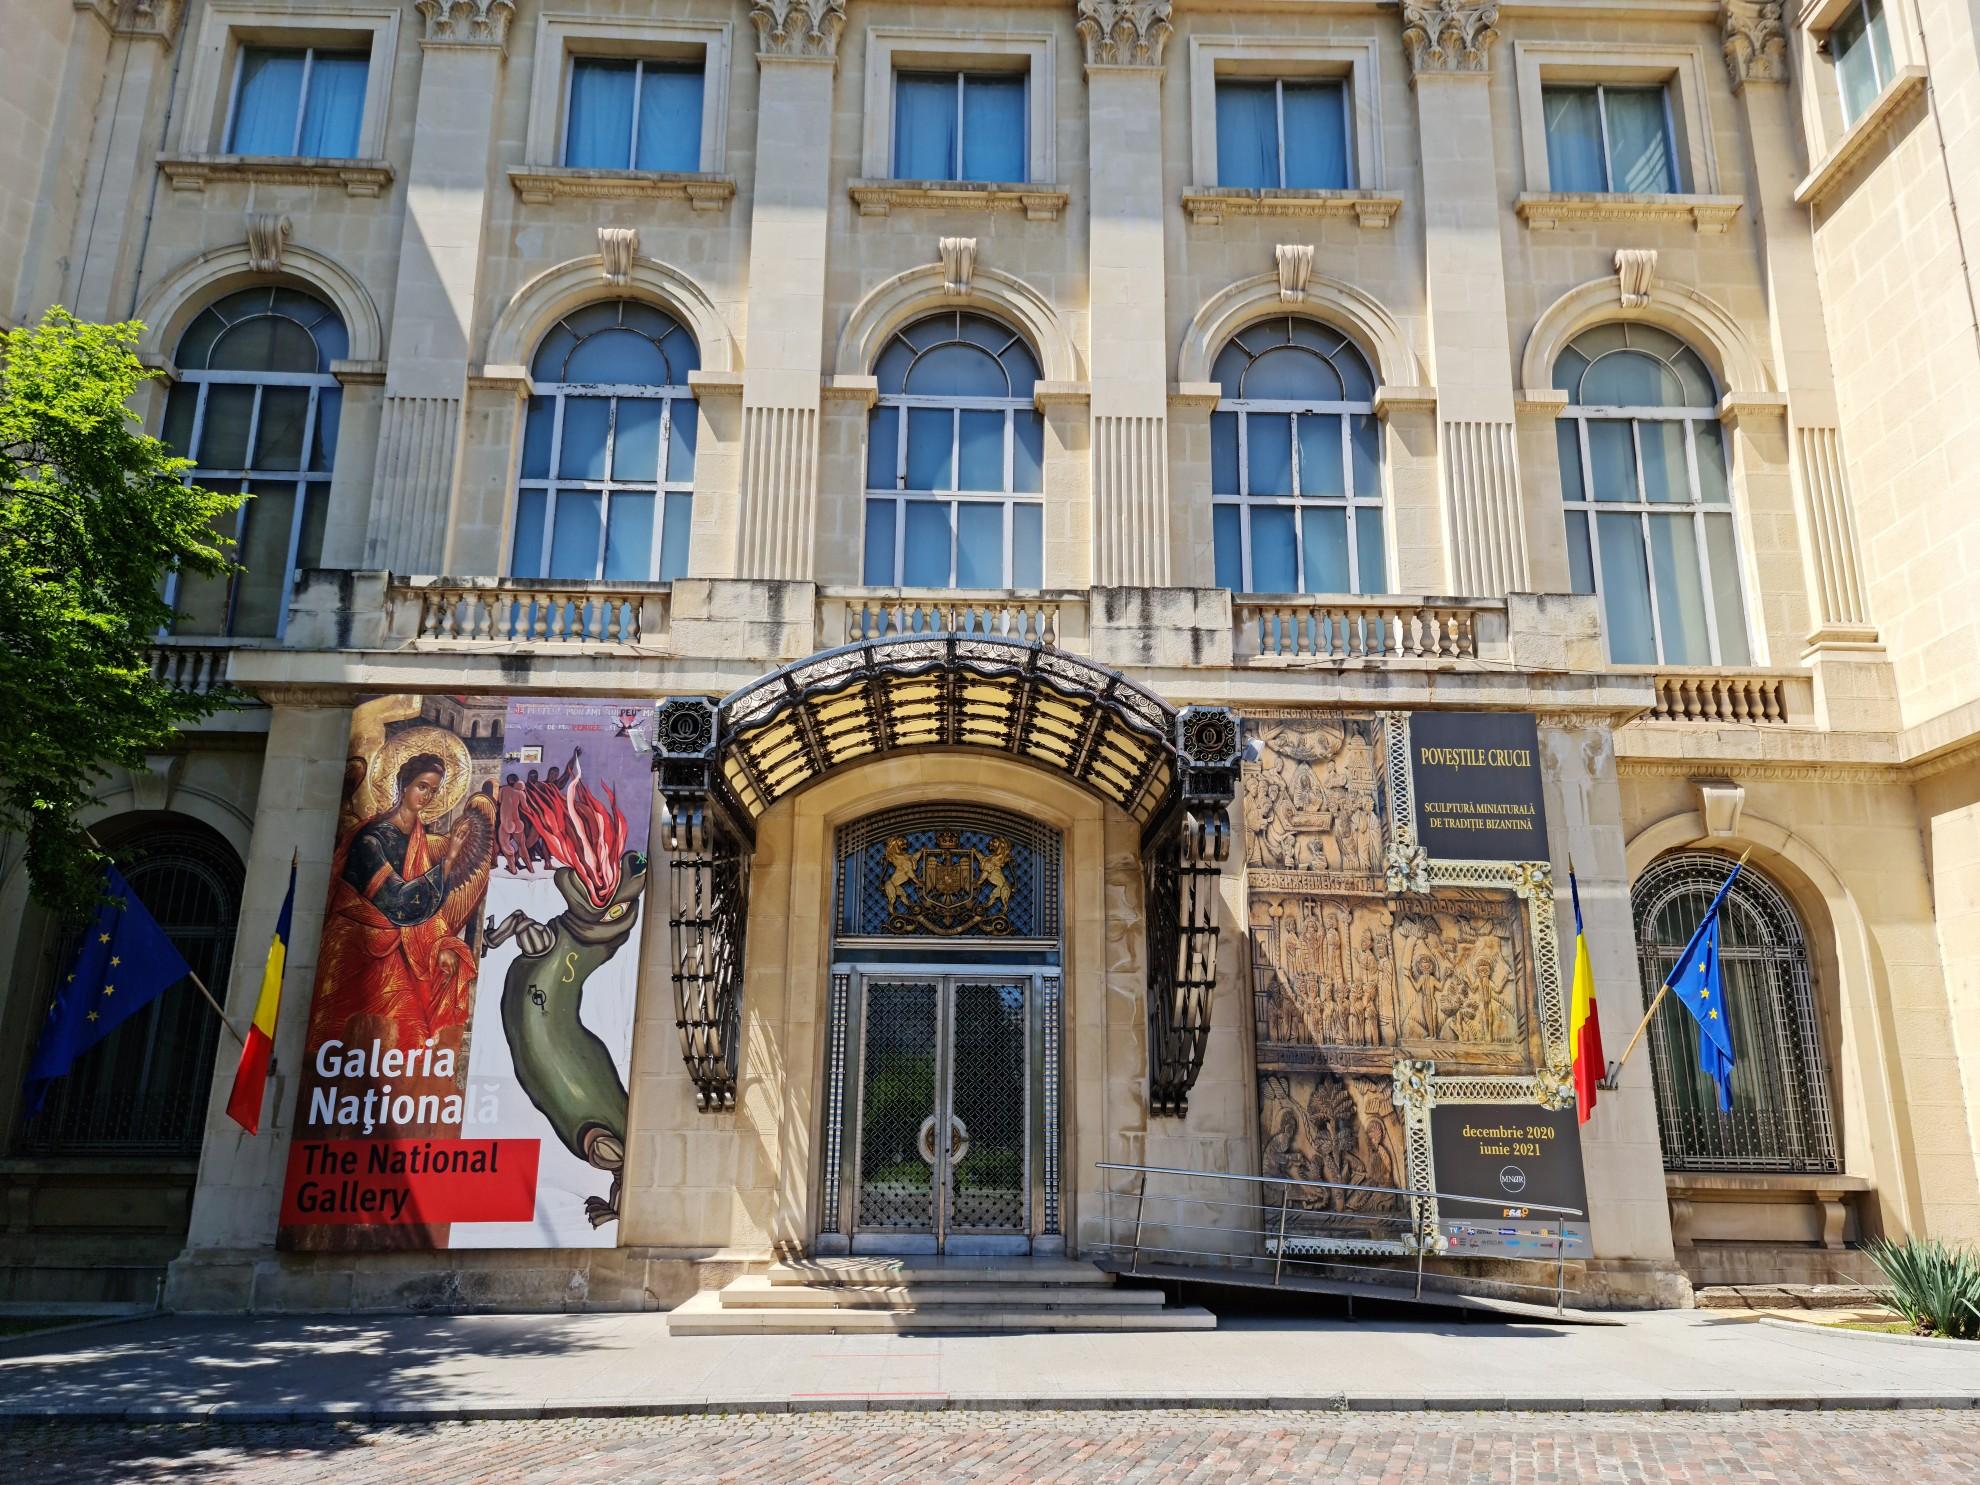 18 mai - Ziua internaţională a muzeelor